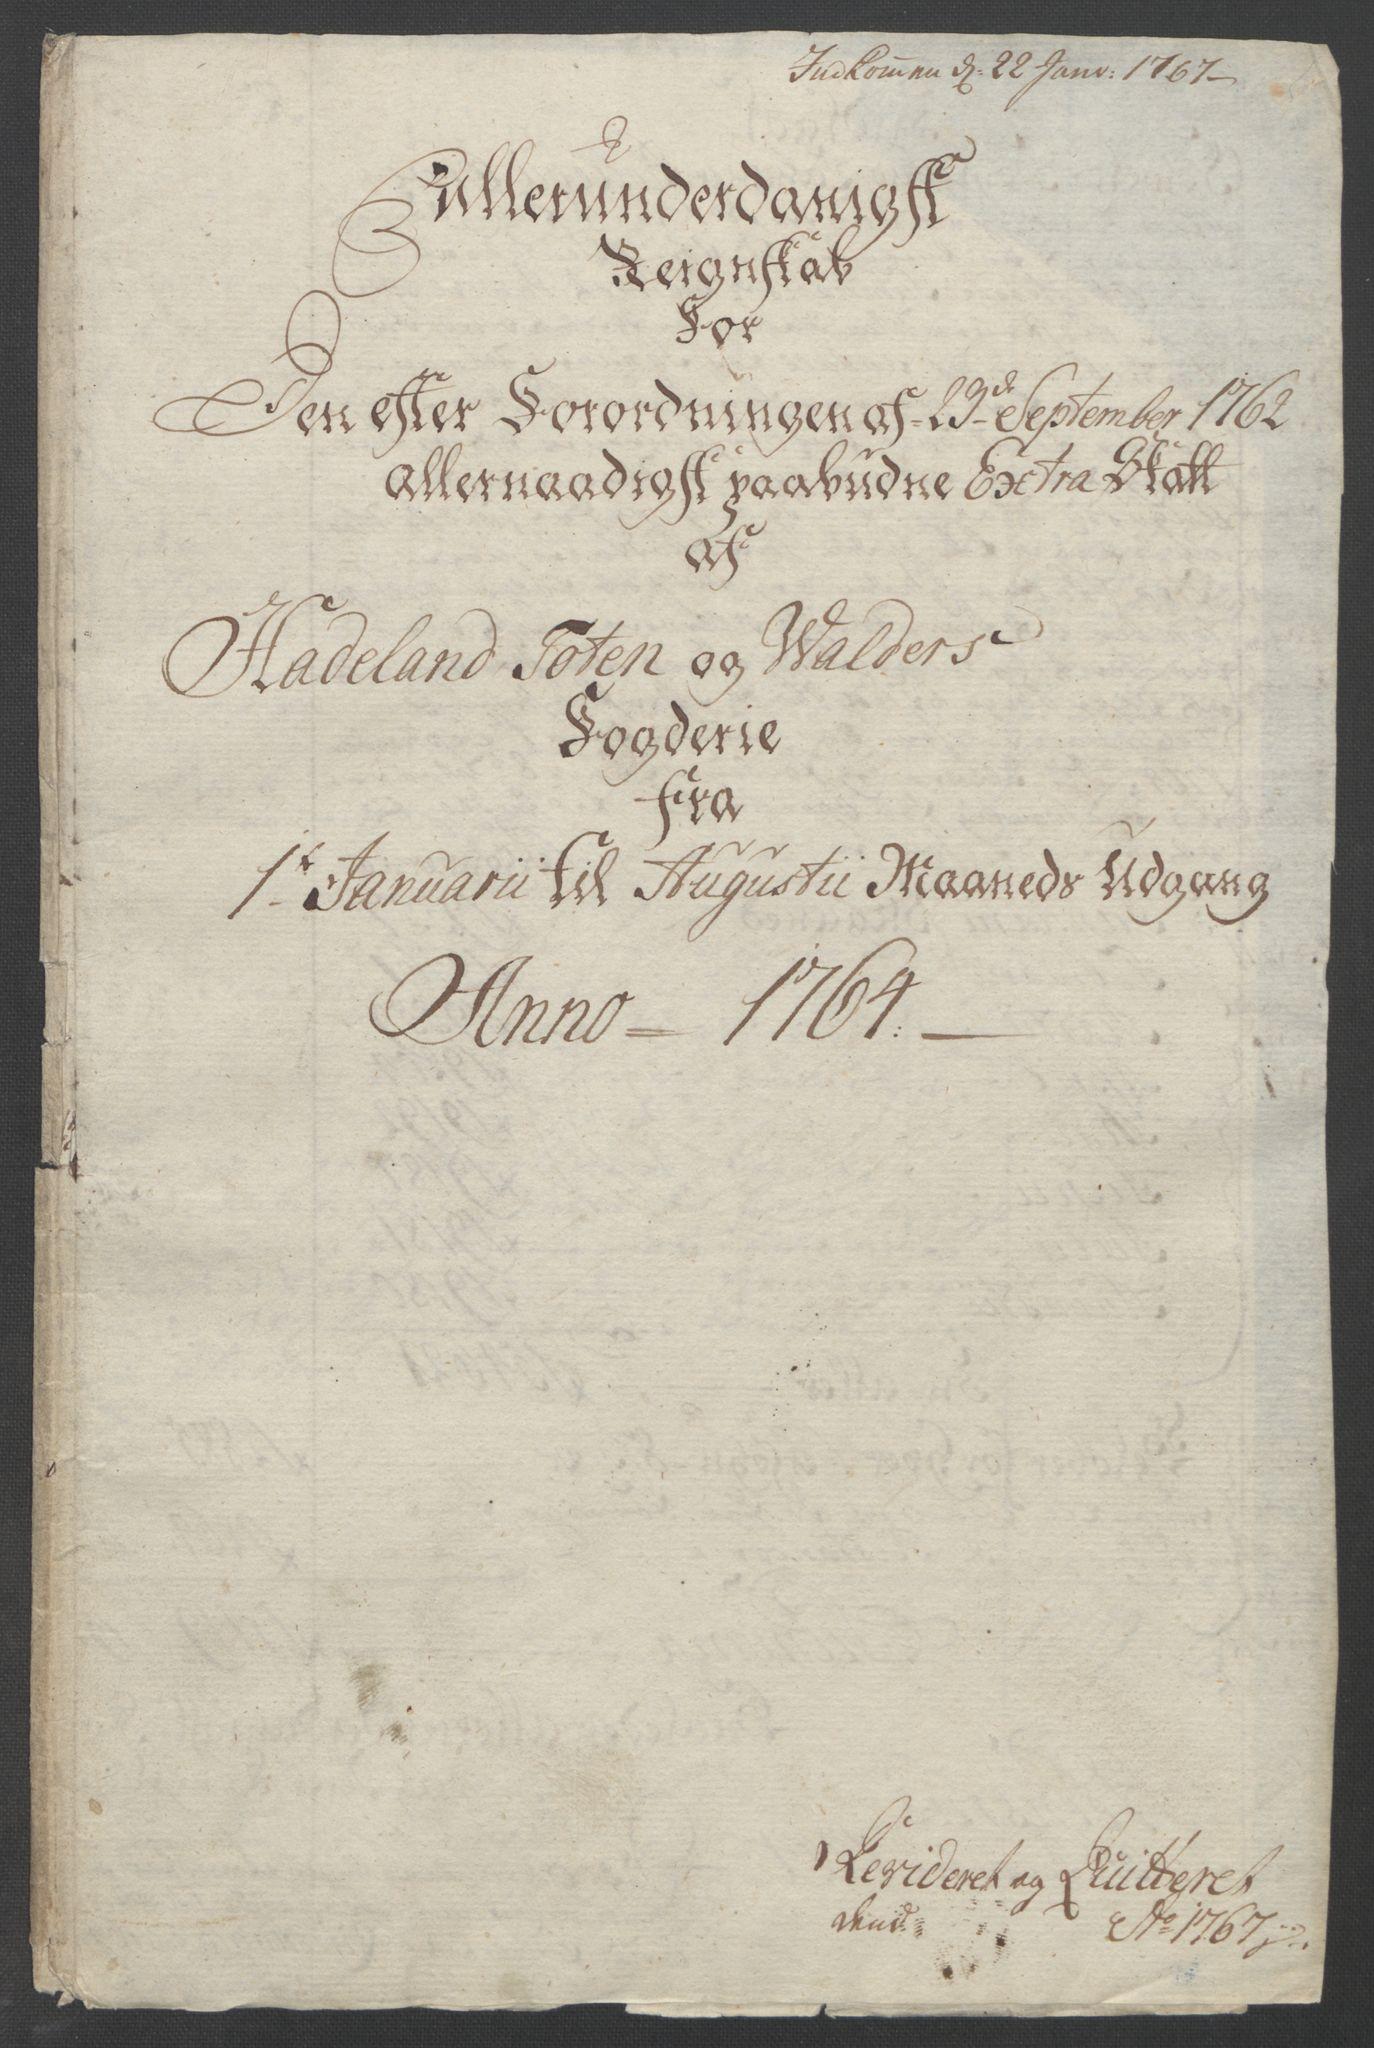 RA, Rentekammeret inntil 1814, Reviderte regnskaper, Fogderegnskap, R19/L1399: Fogderegnskap Toten, Hadeland og Vardal, 1762-1783, s. 45